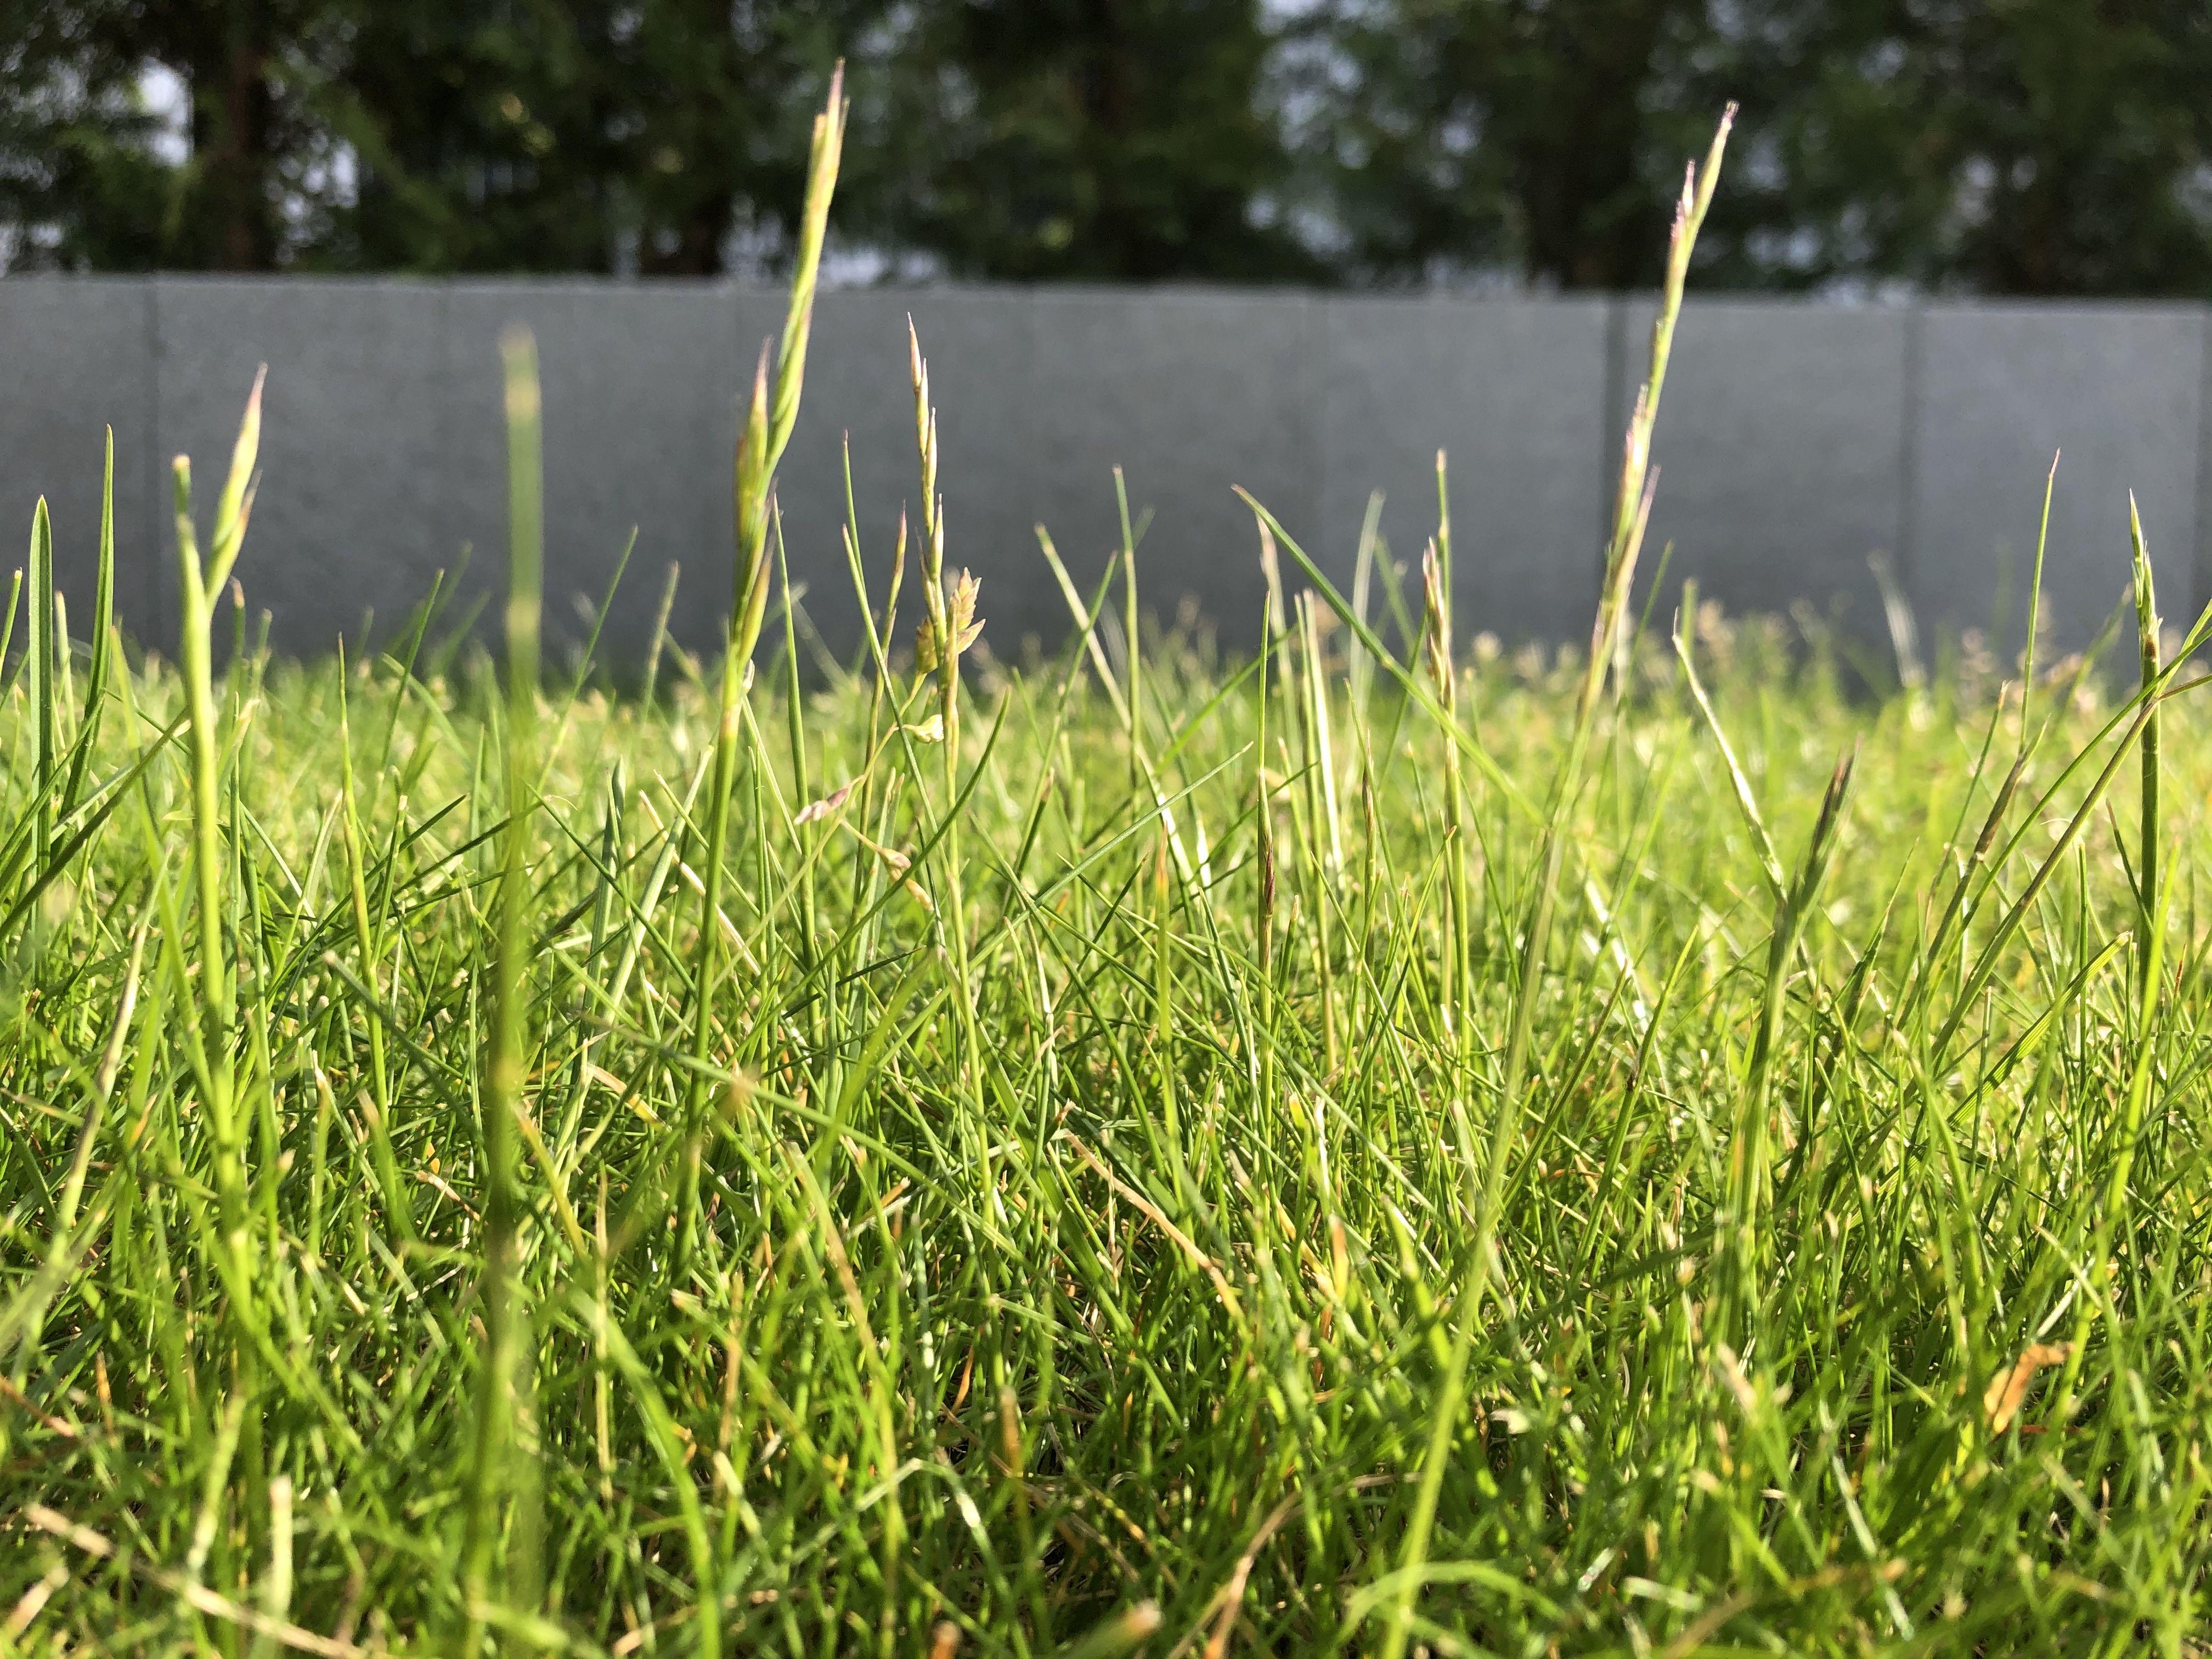 Perfekter Rasen Rasen Dungen Unkrautvernichter Garten Landschaftsbau